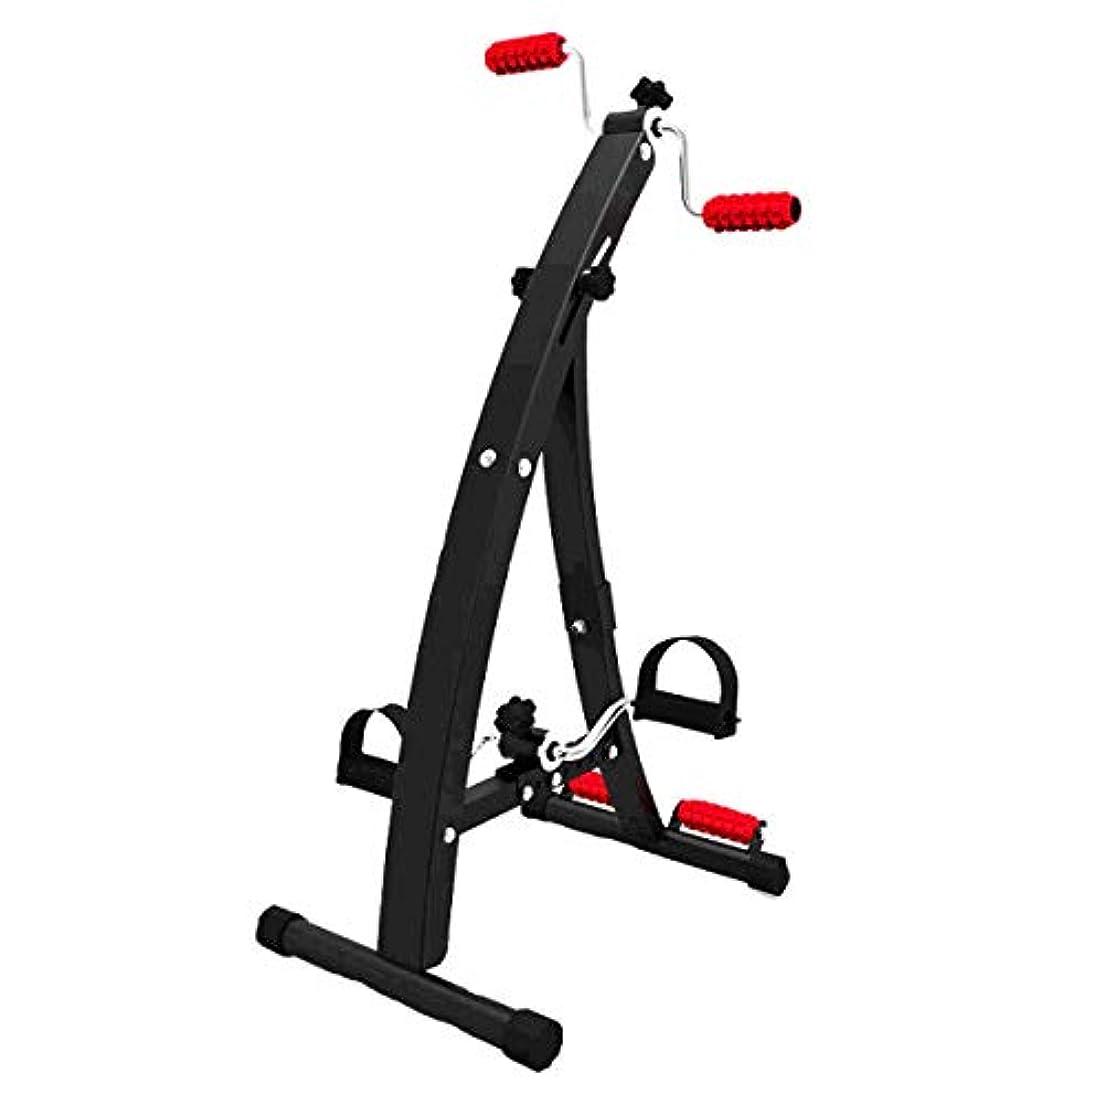 アンタゴニスト表現ブラケット折り畳み式の腕と脚のペダルエクササイザー、医療リハビリテーション体操上肢および下肢のトレーニング機器、筋萎縮リハビリテーション訓練を防ぐ,A